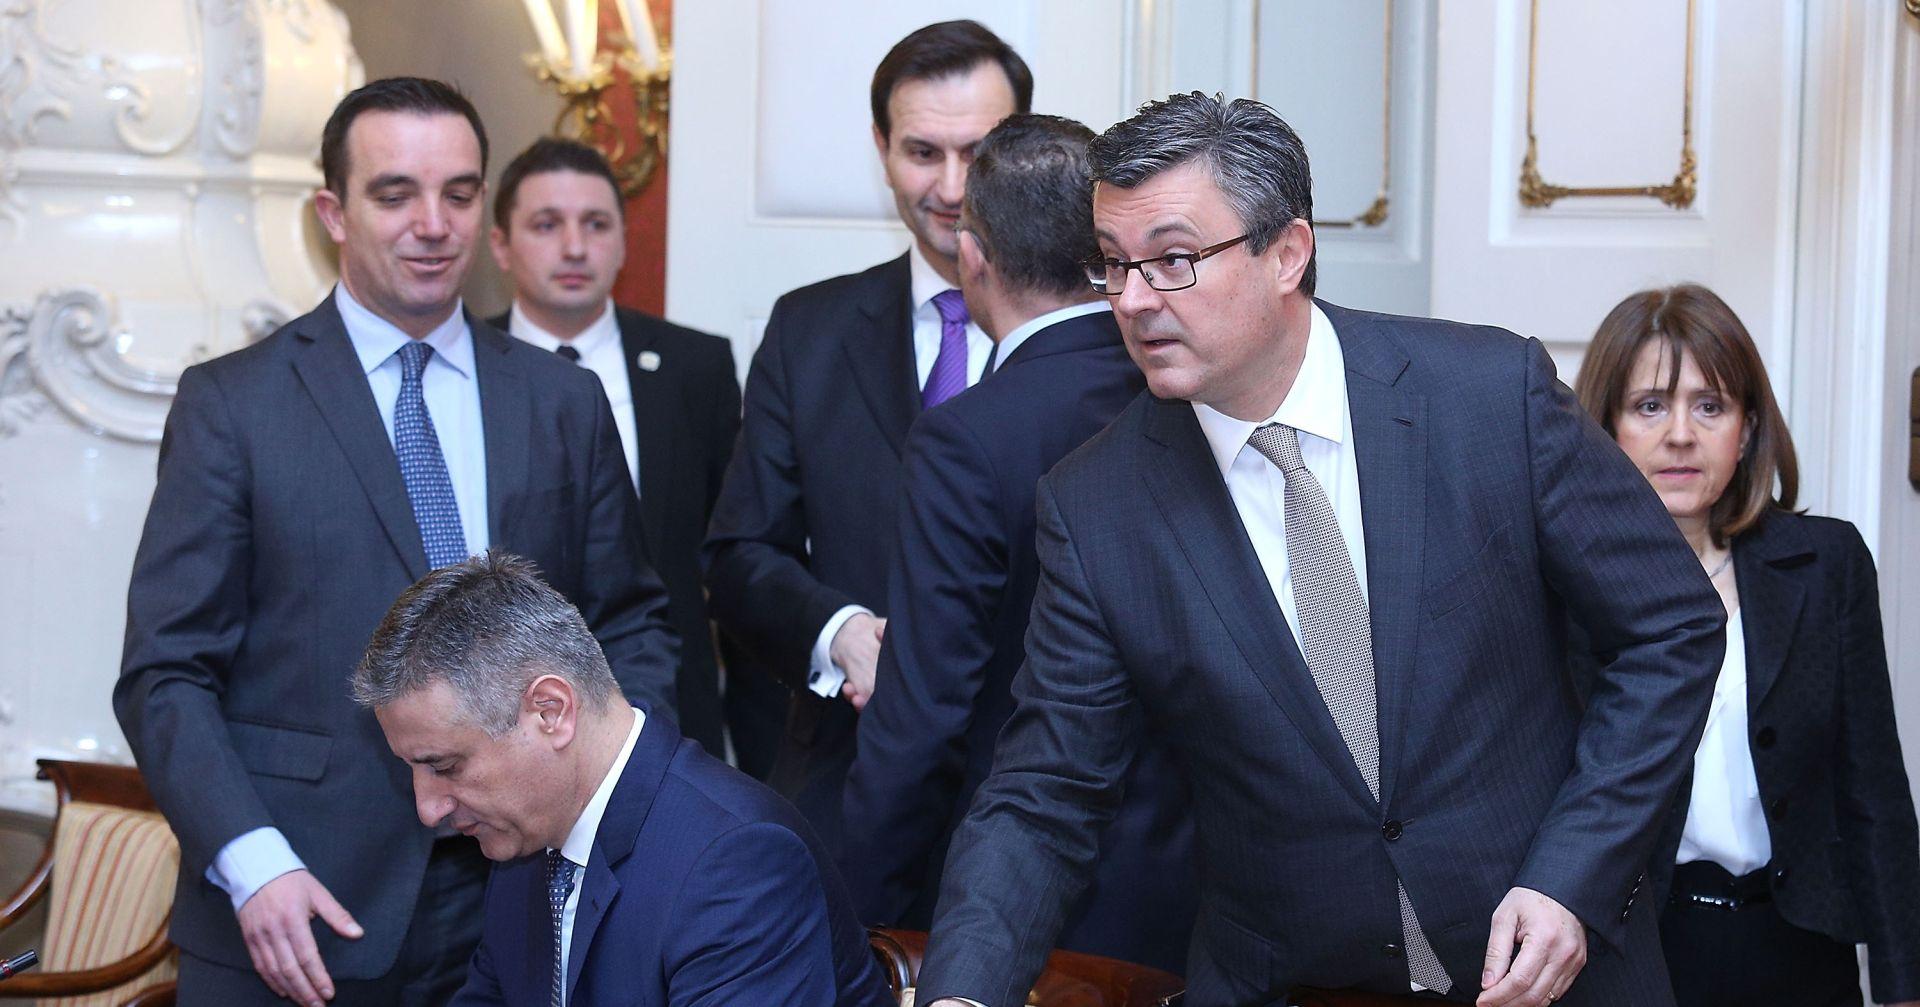 SJEDNICA VLADE Izmjene Zakona o nadzoru granice i Zakona o obrani – hrvatska vojska može na granice